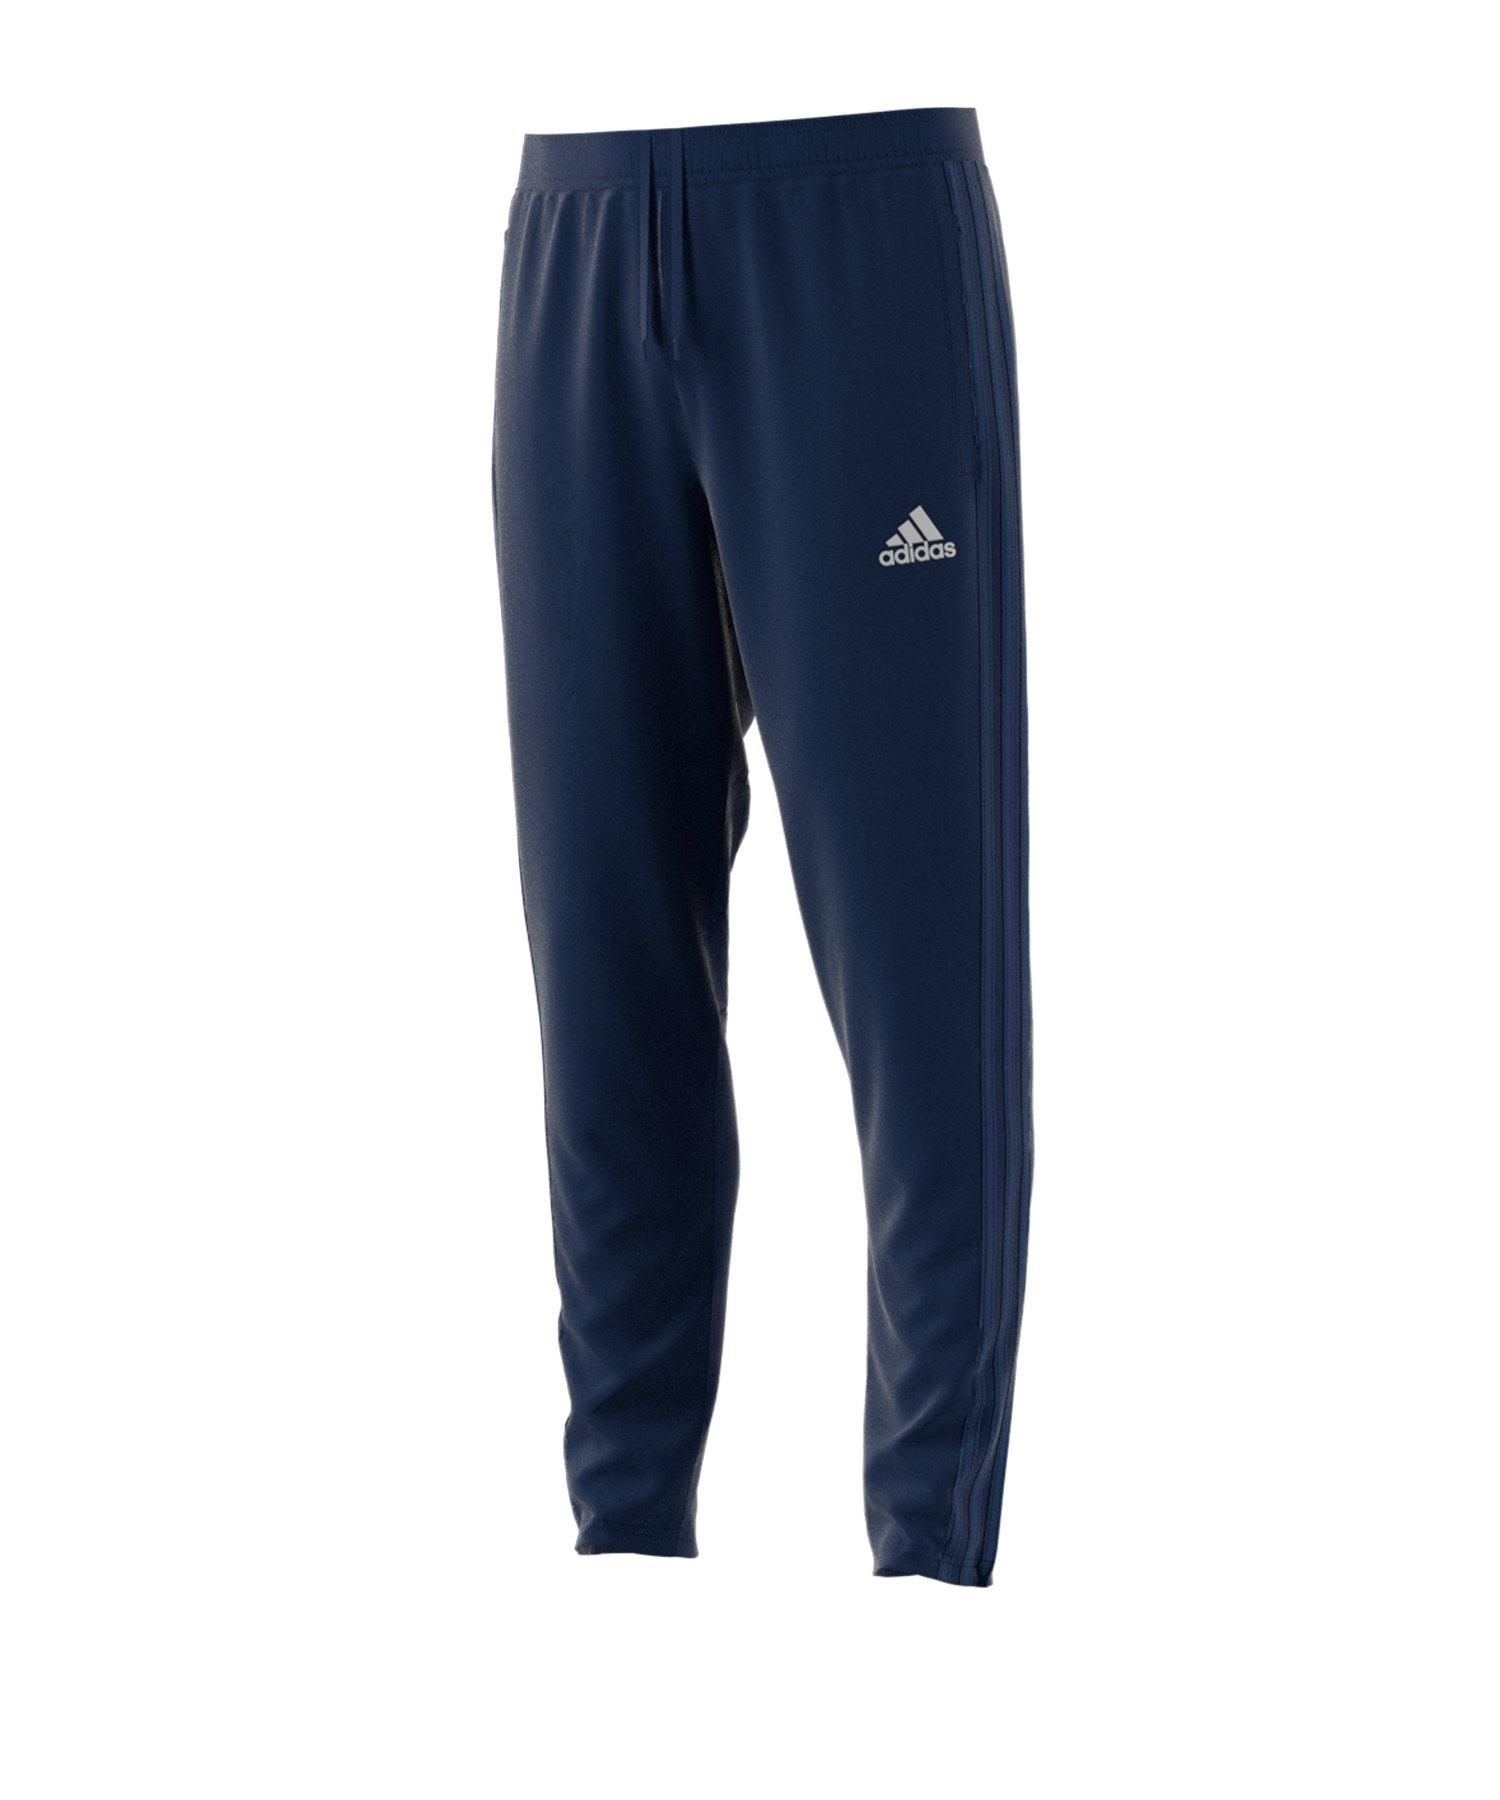 adidas Condivo 18 Low Crotch Training Pant Blau - blau